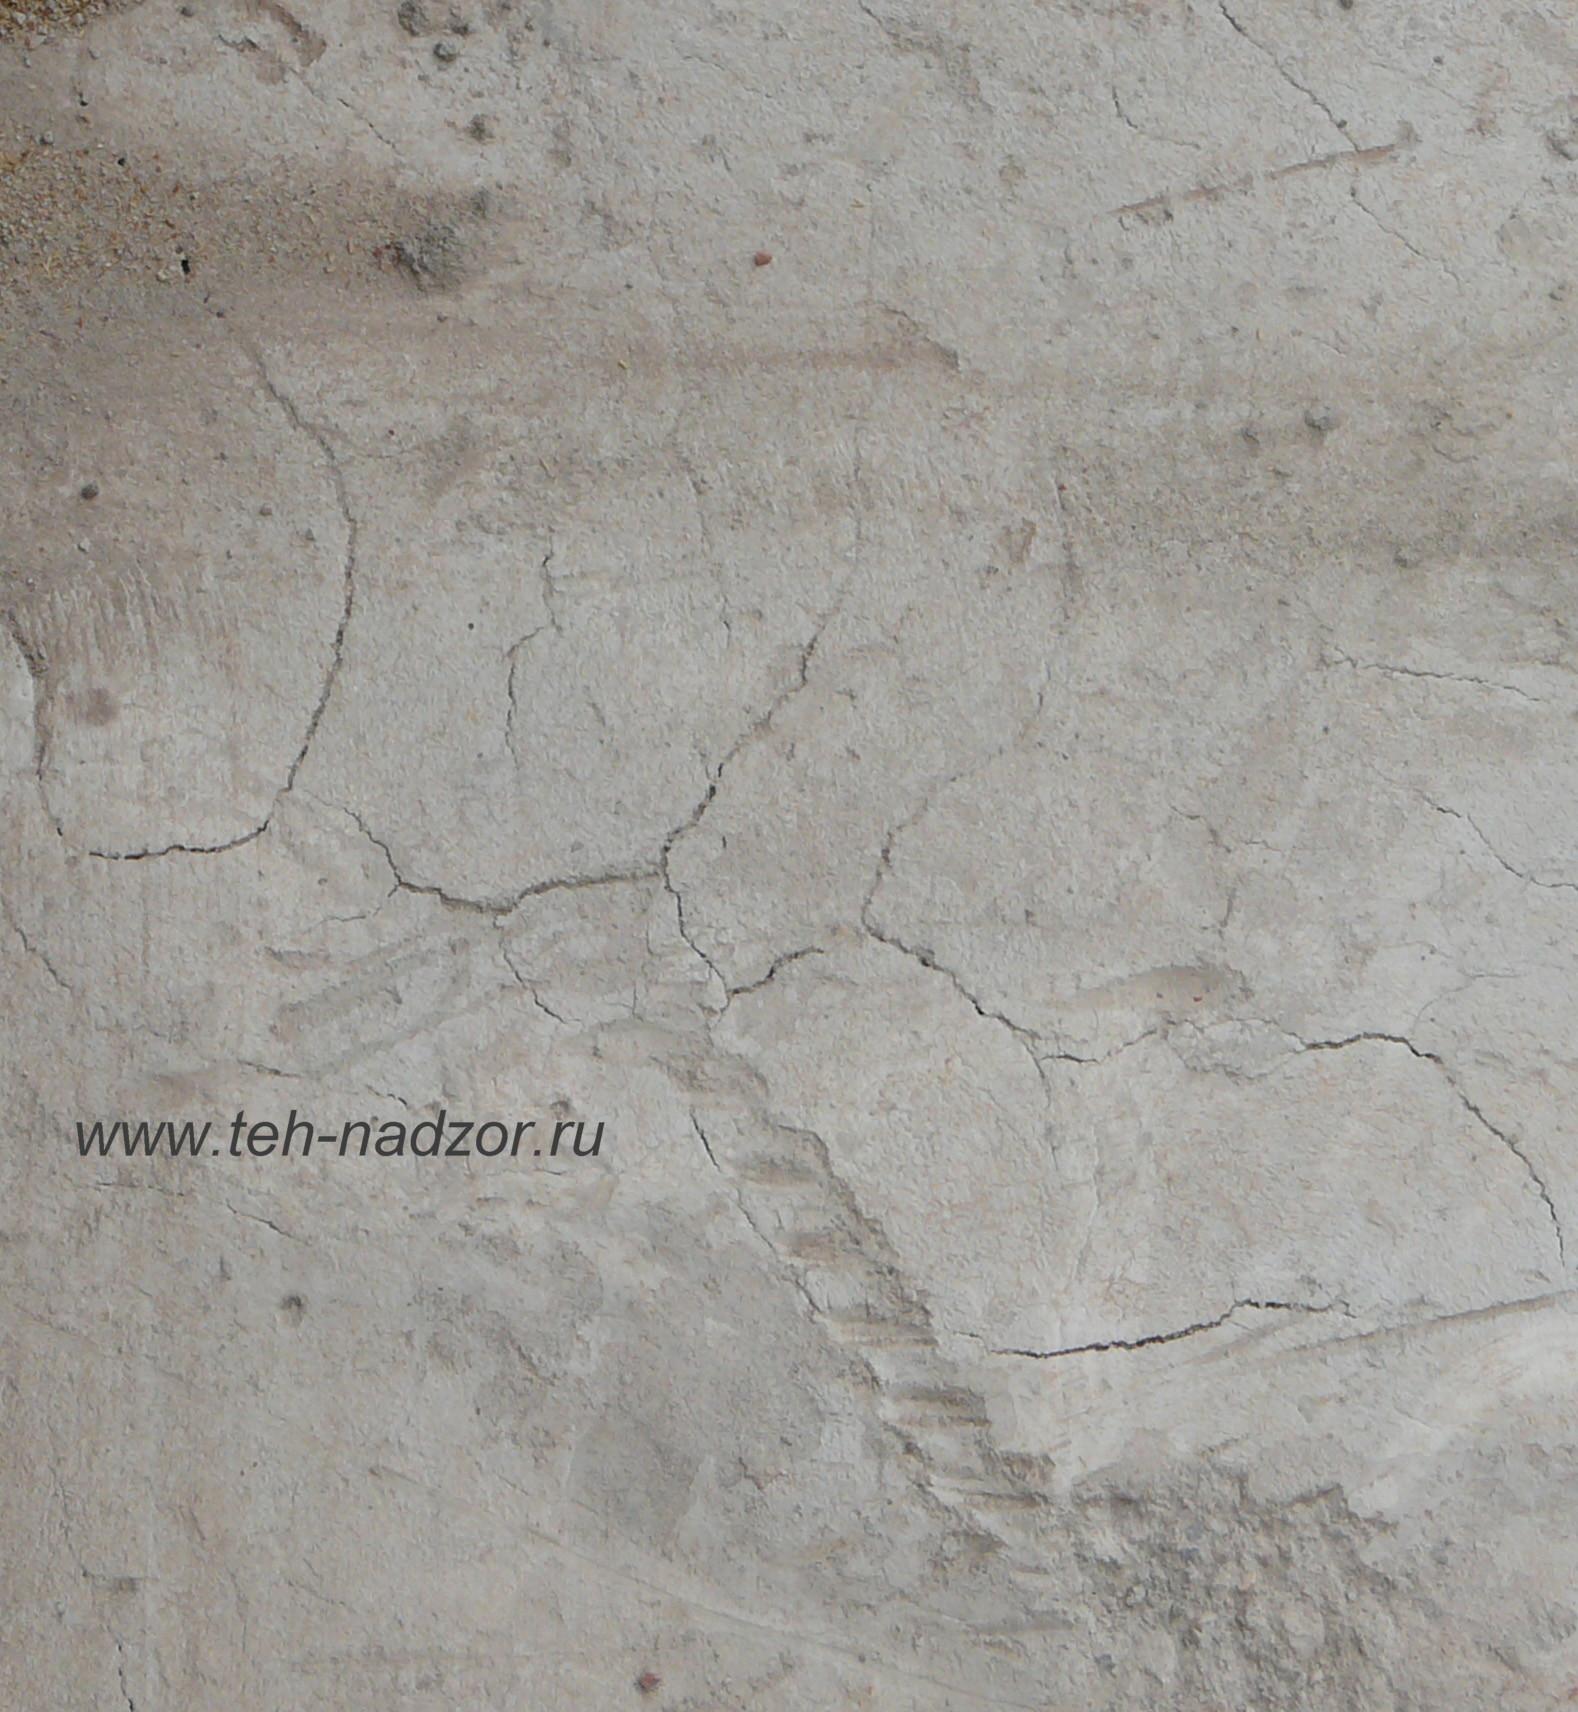 Ремонт газовых плит свиблово